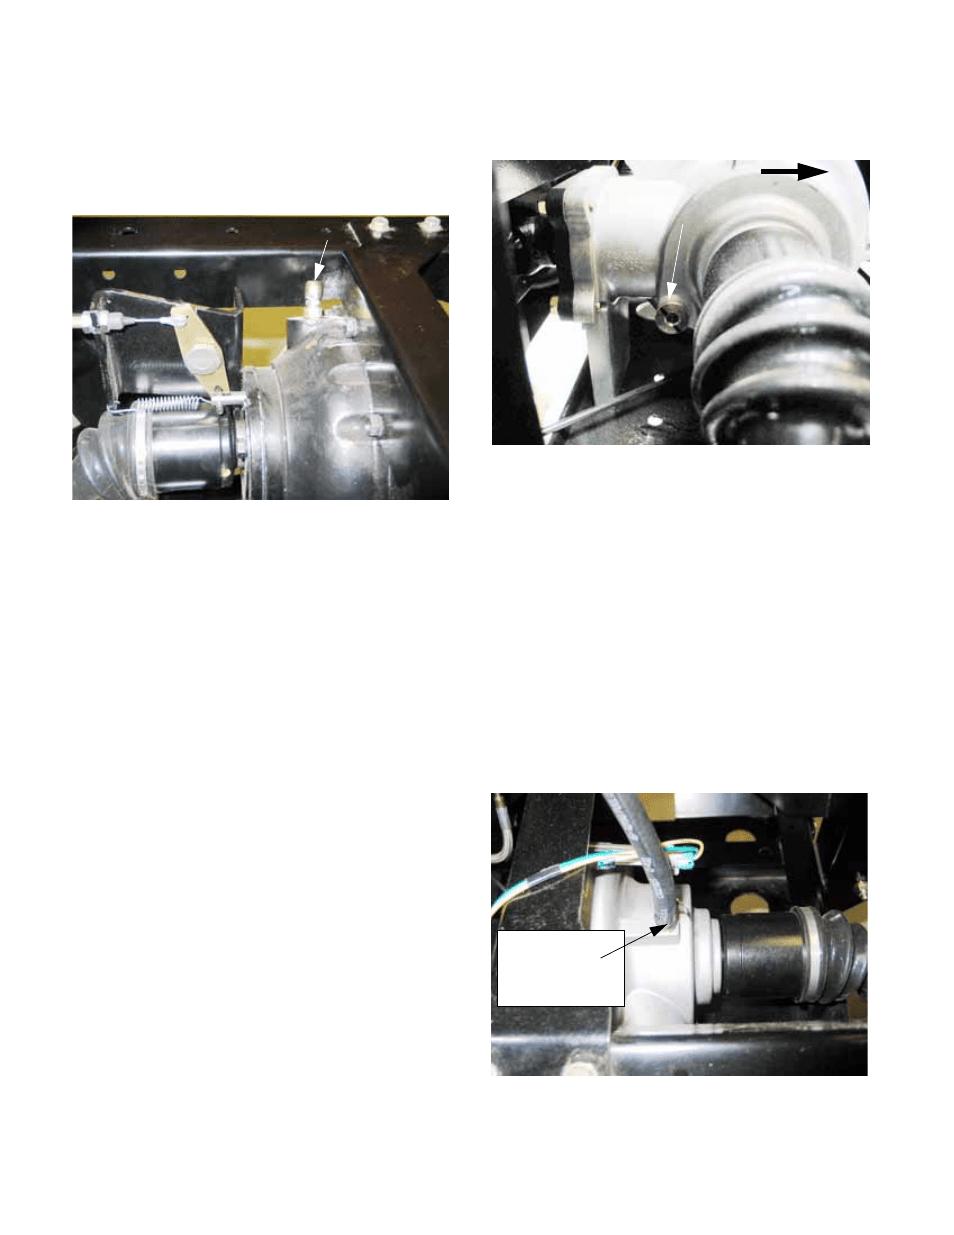 medium resolution of cub cadet 4 x 4 volunteer user manual page 98 328 cub cadet utv transmission schematic